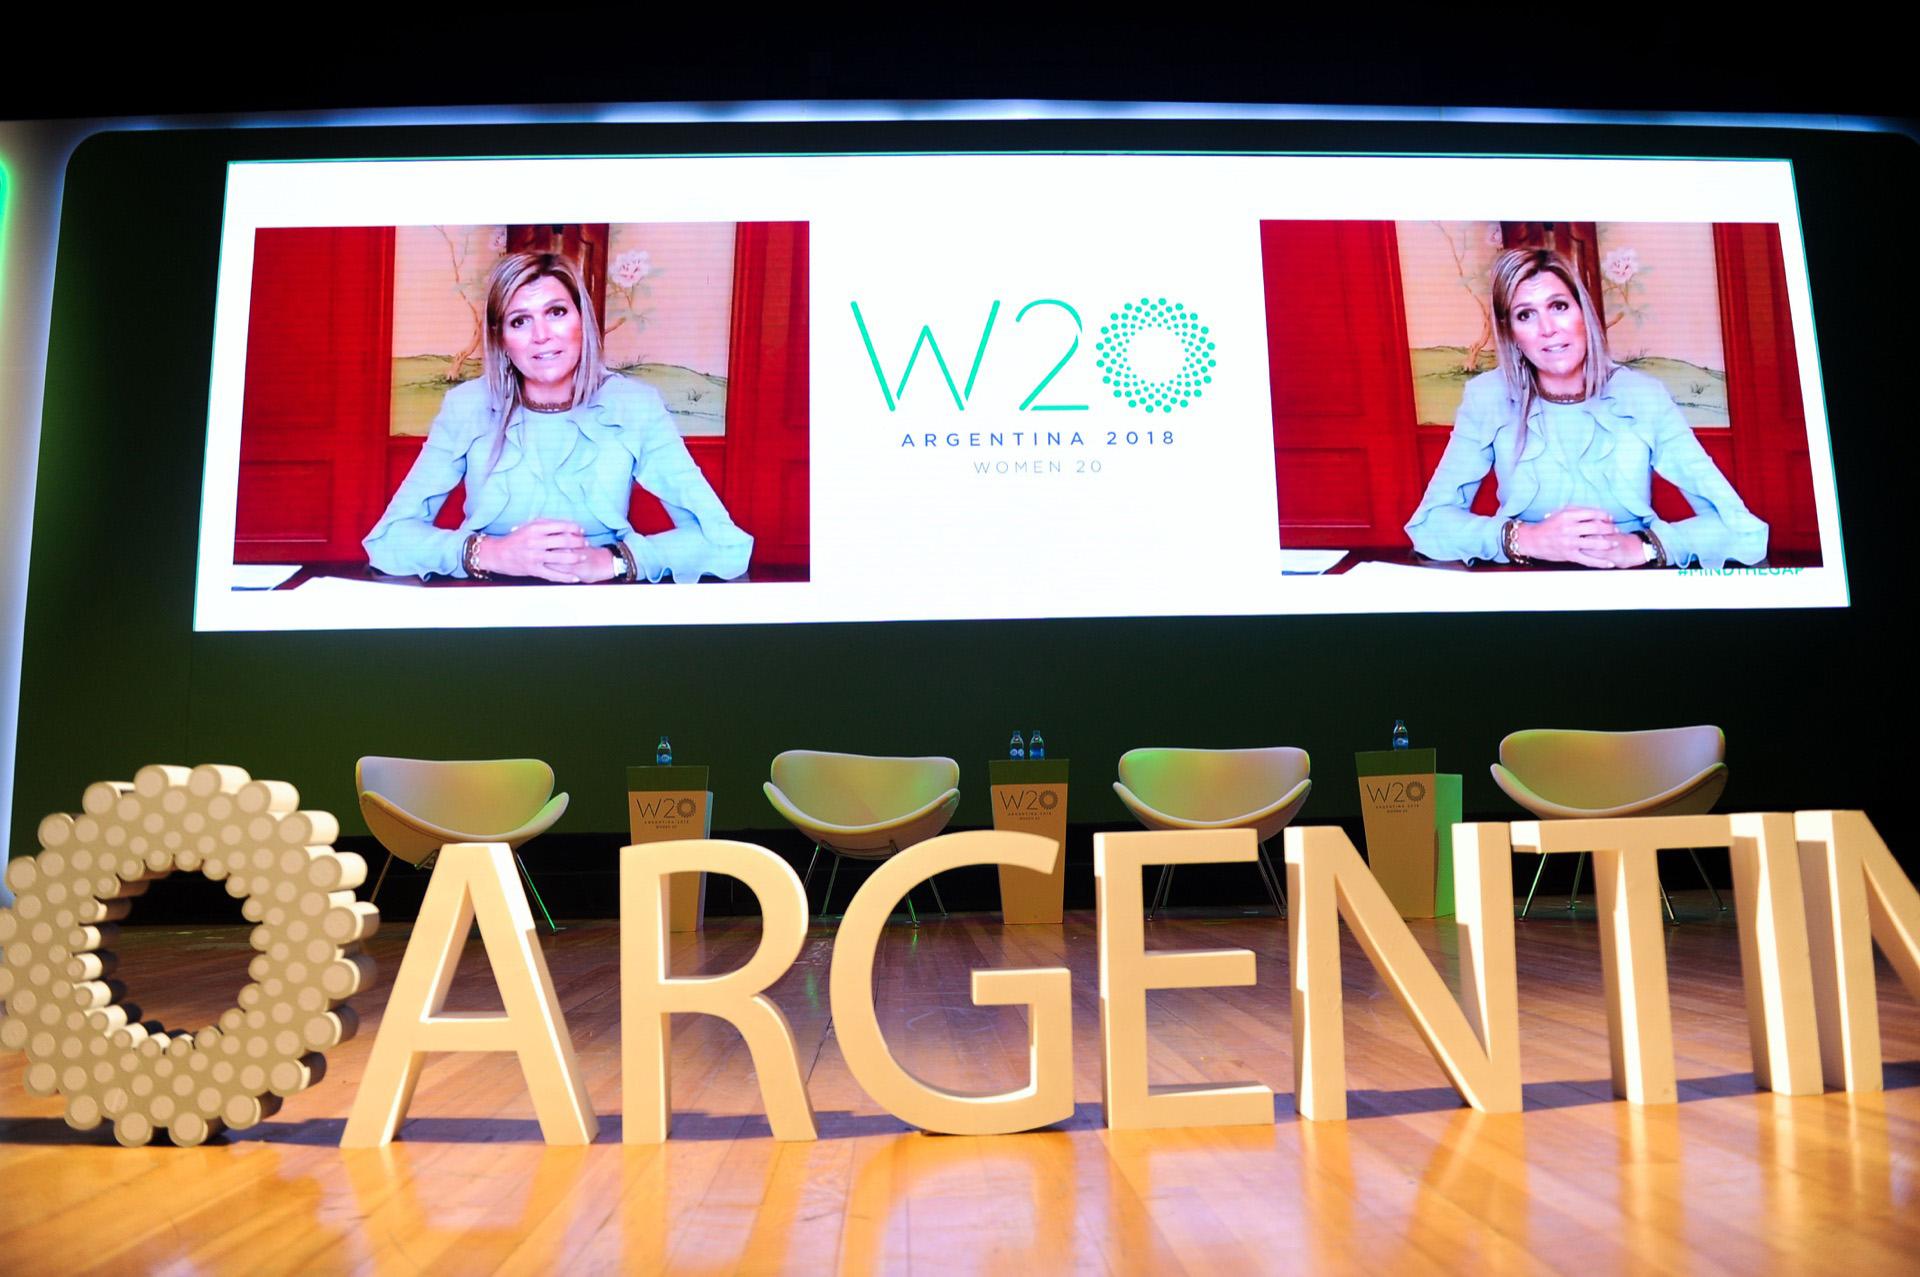 En su videoconferencia en el W20 celebrado en Buenos Aires.